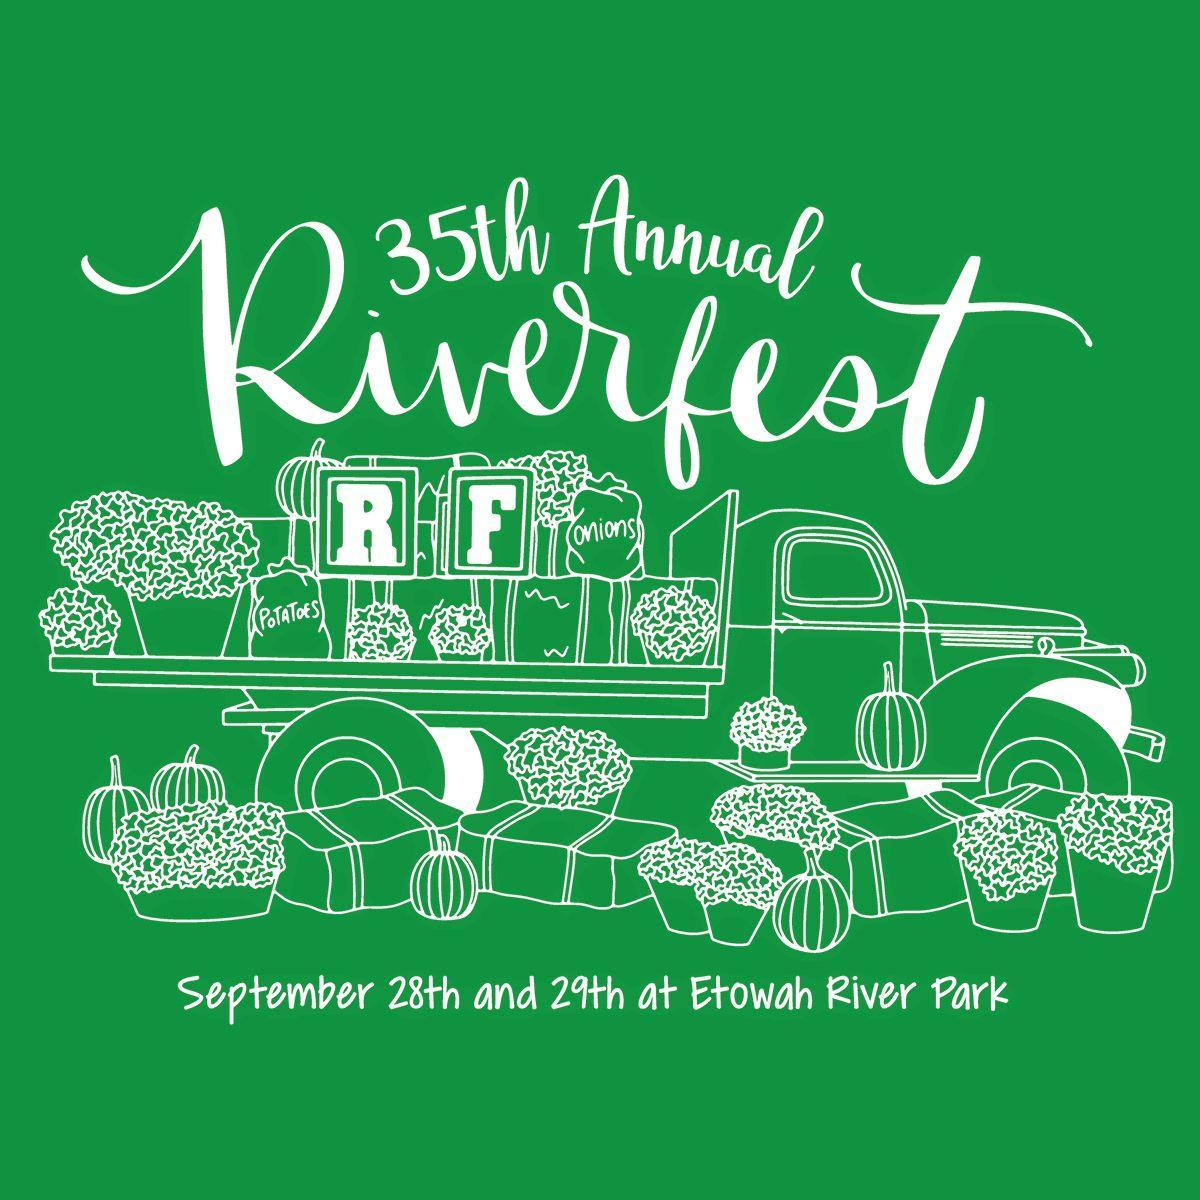 Riverfest 1